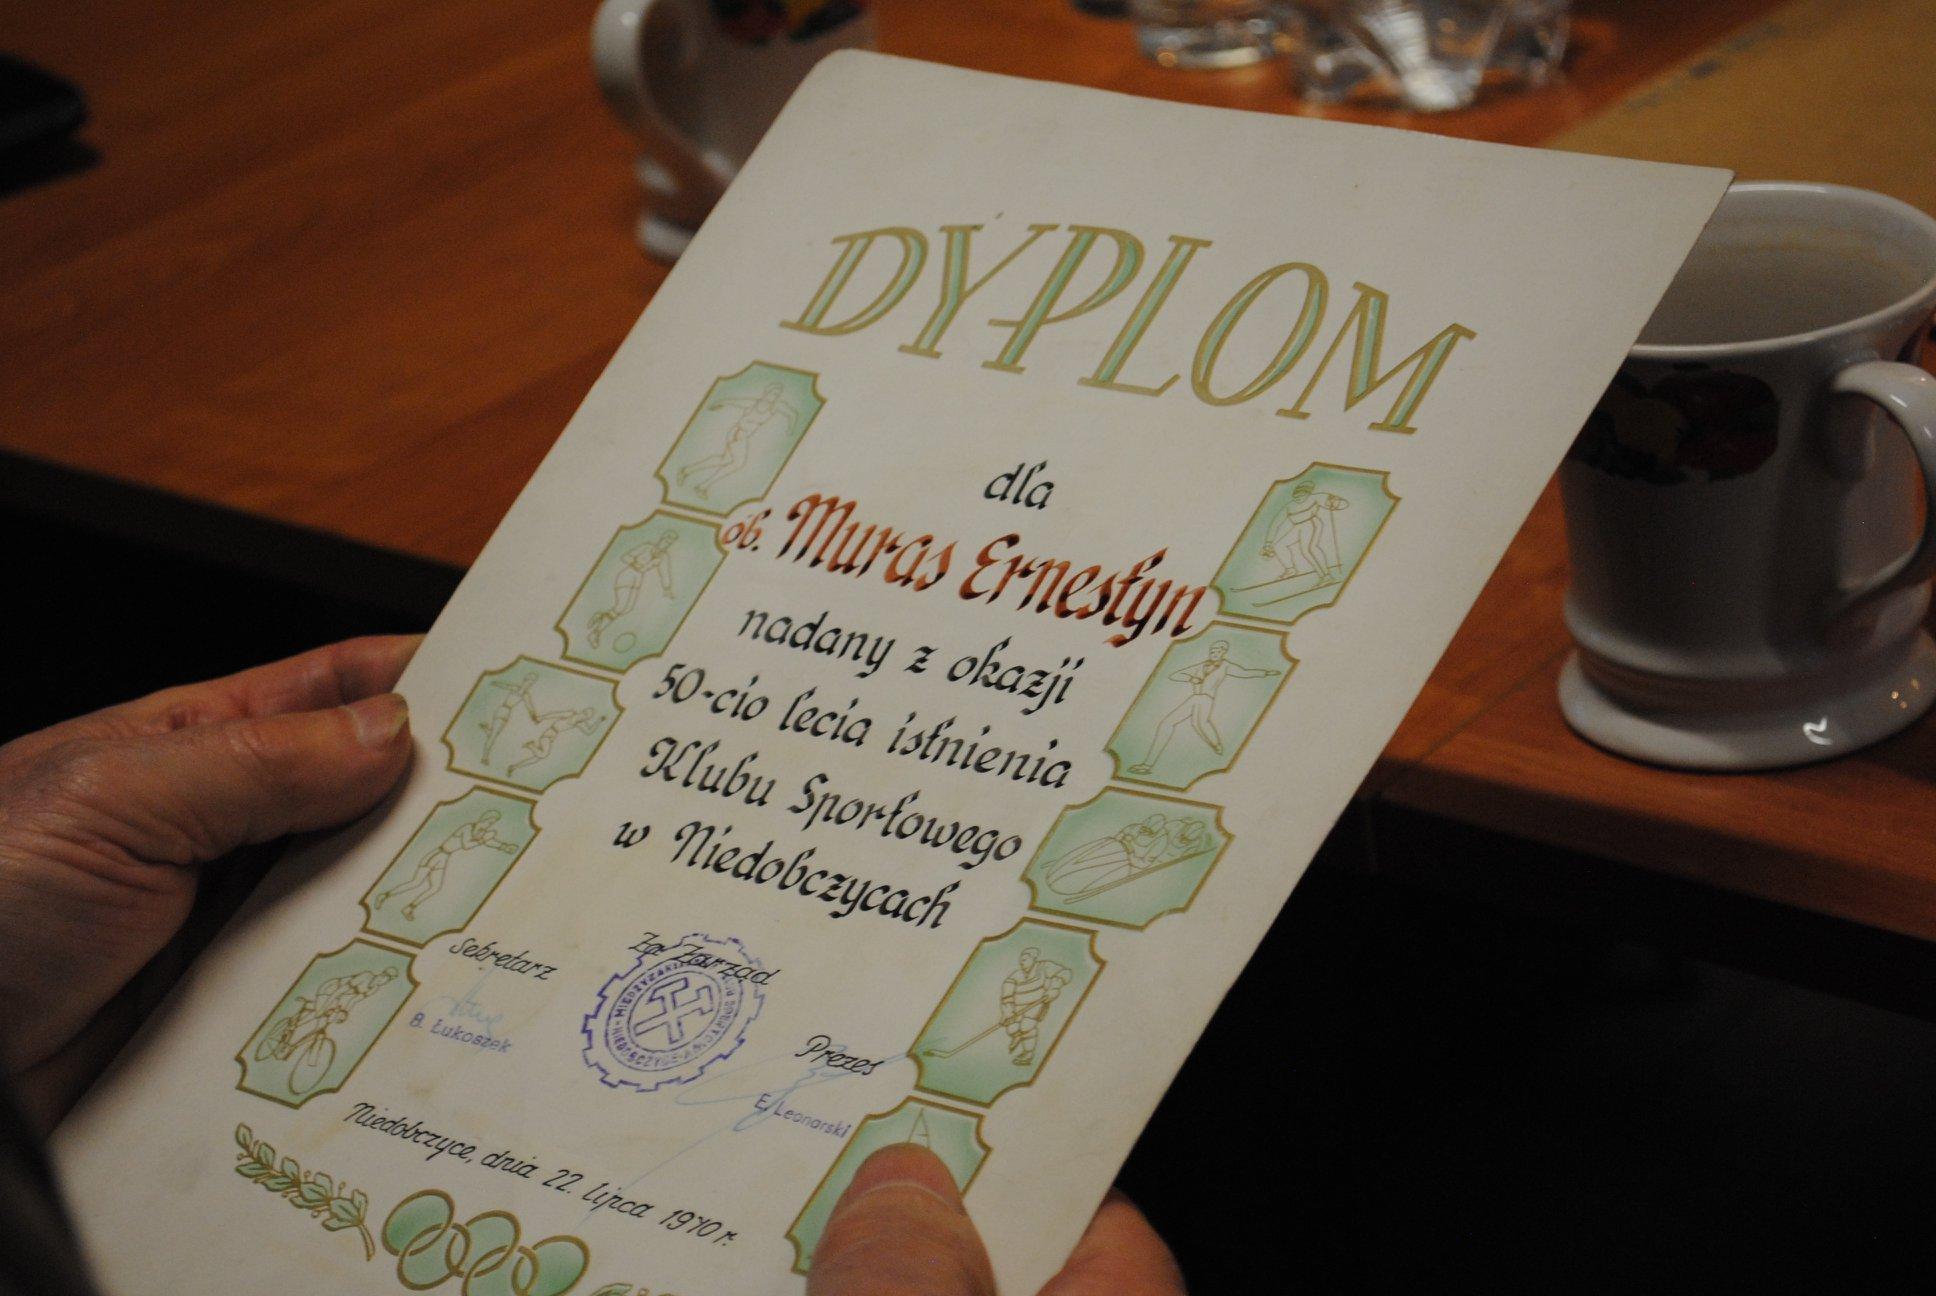 spotkanie w sprawie monografii Rymera - dyplom